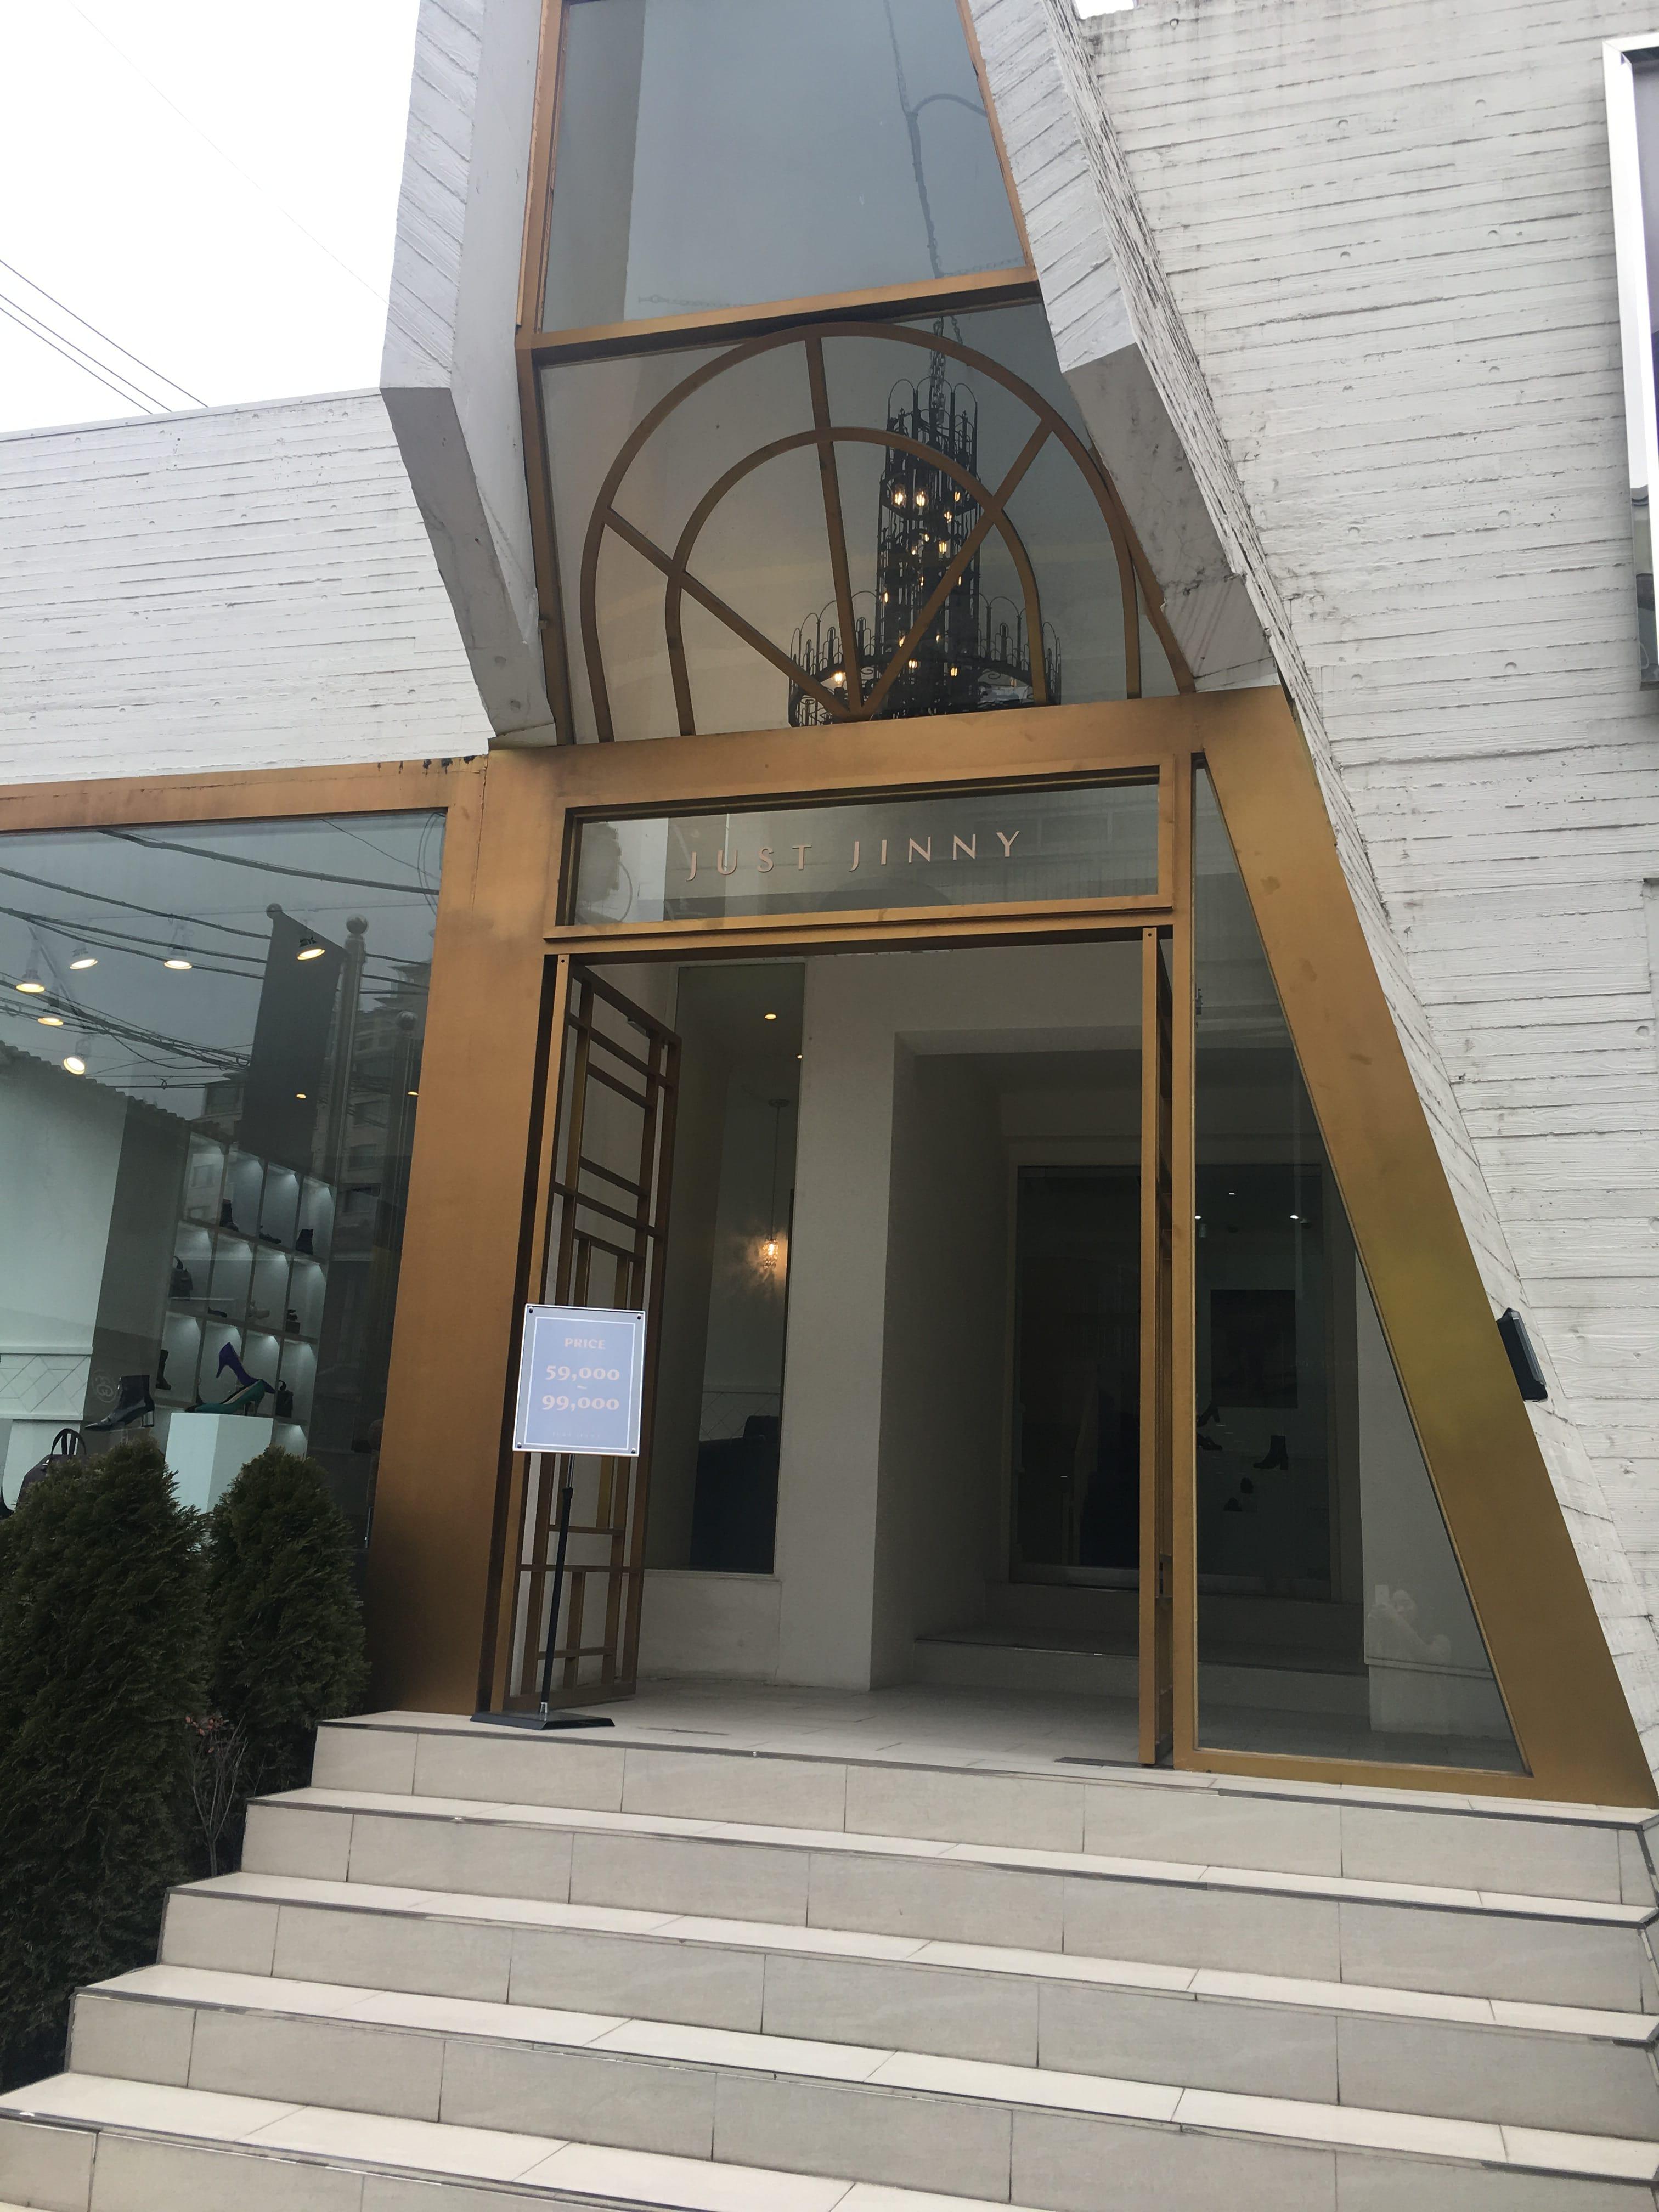 슈어홀릭에게 사랑받는 브랜드 지니킴. 지니킴의 세컨 브랜드 '저스트지니' 쇼룸이 지난 11월 압구정에 오픈했다.